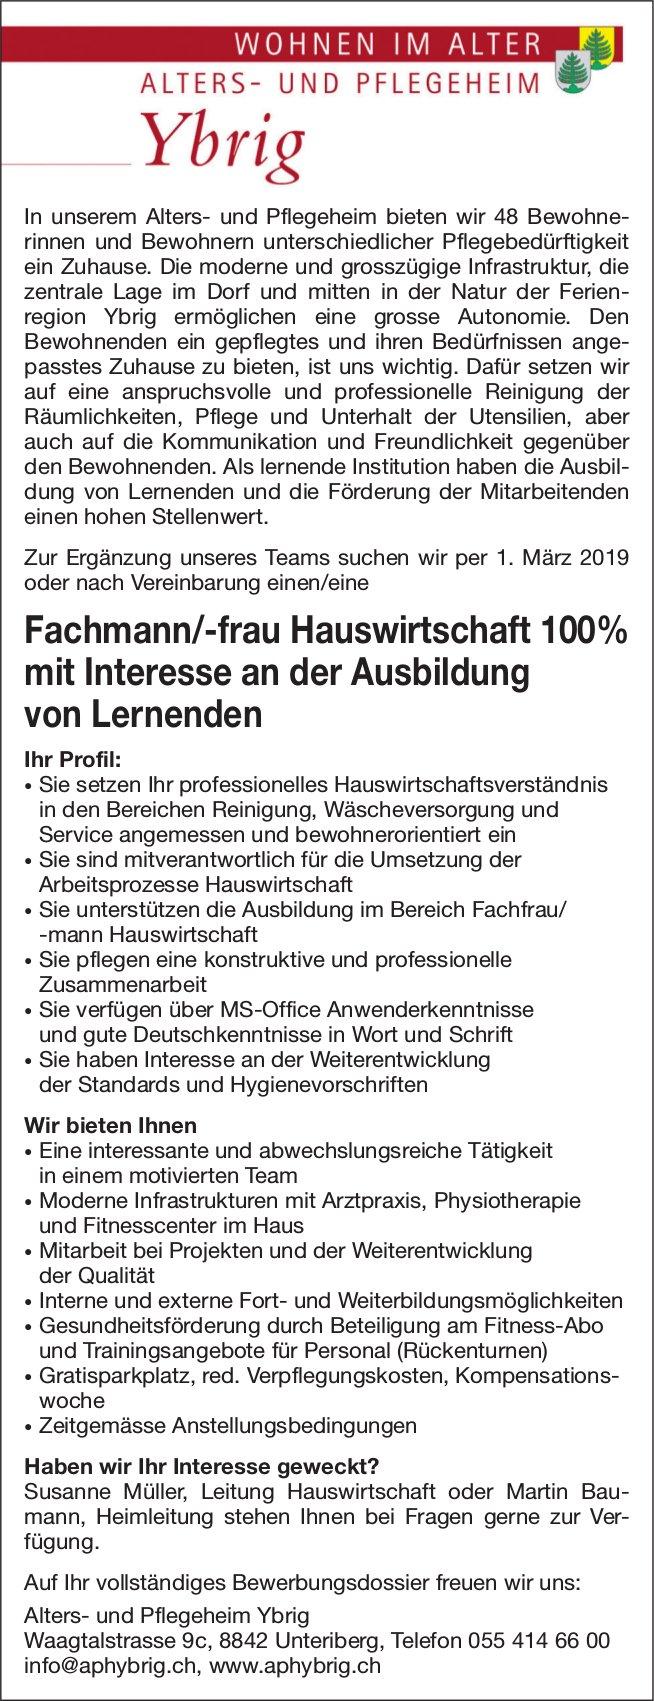 Fachmann/-frau Hauswirtschaft, 100%, Alters- und Pflegeheim Ybrig